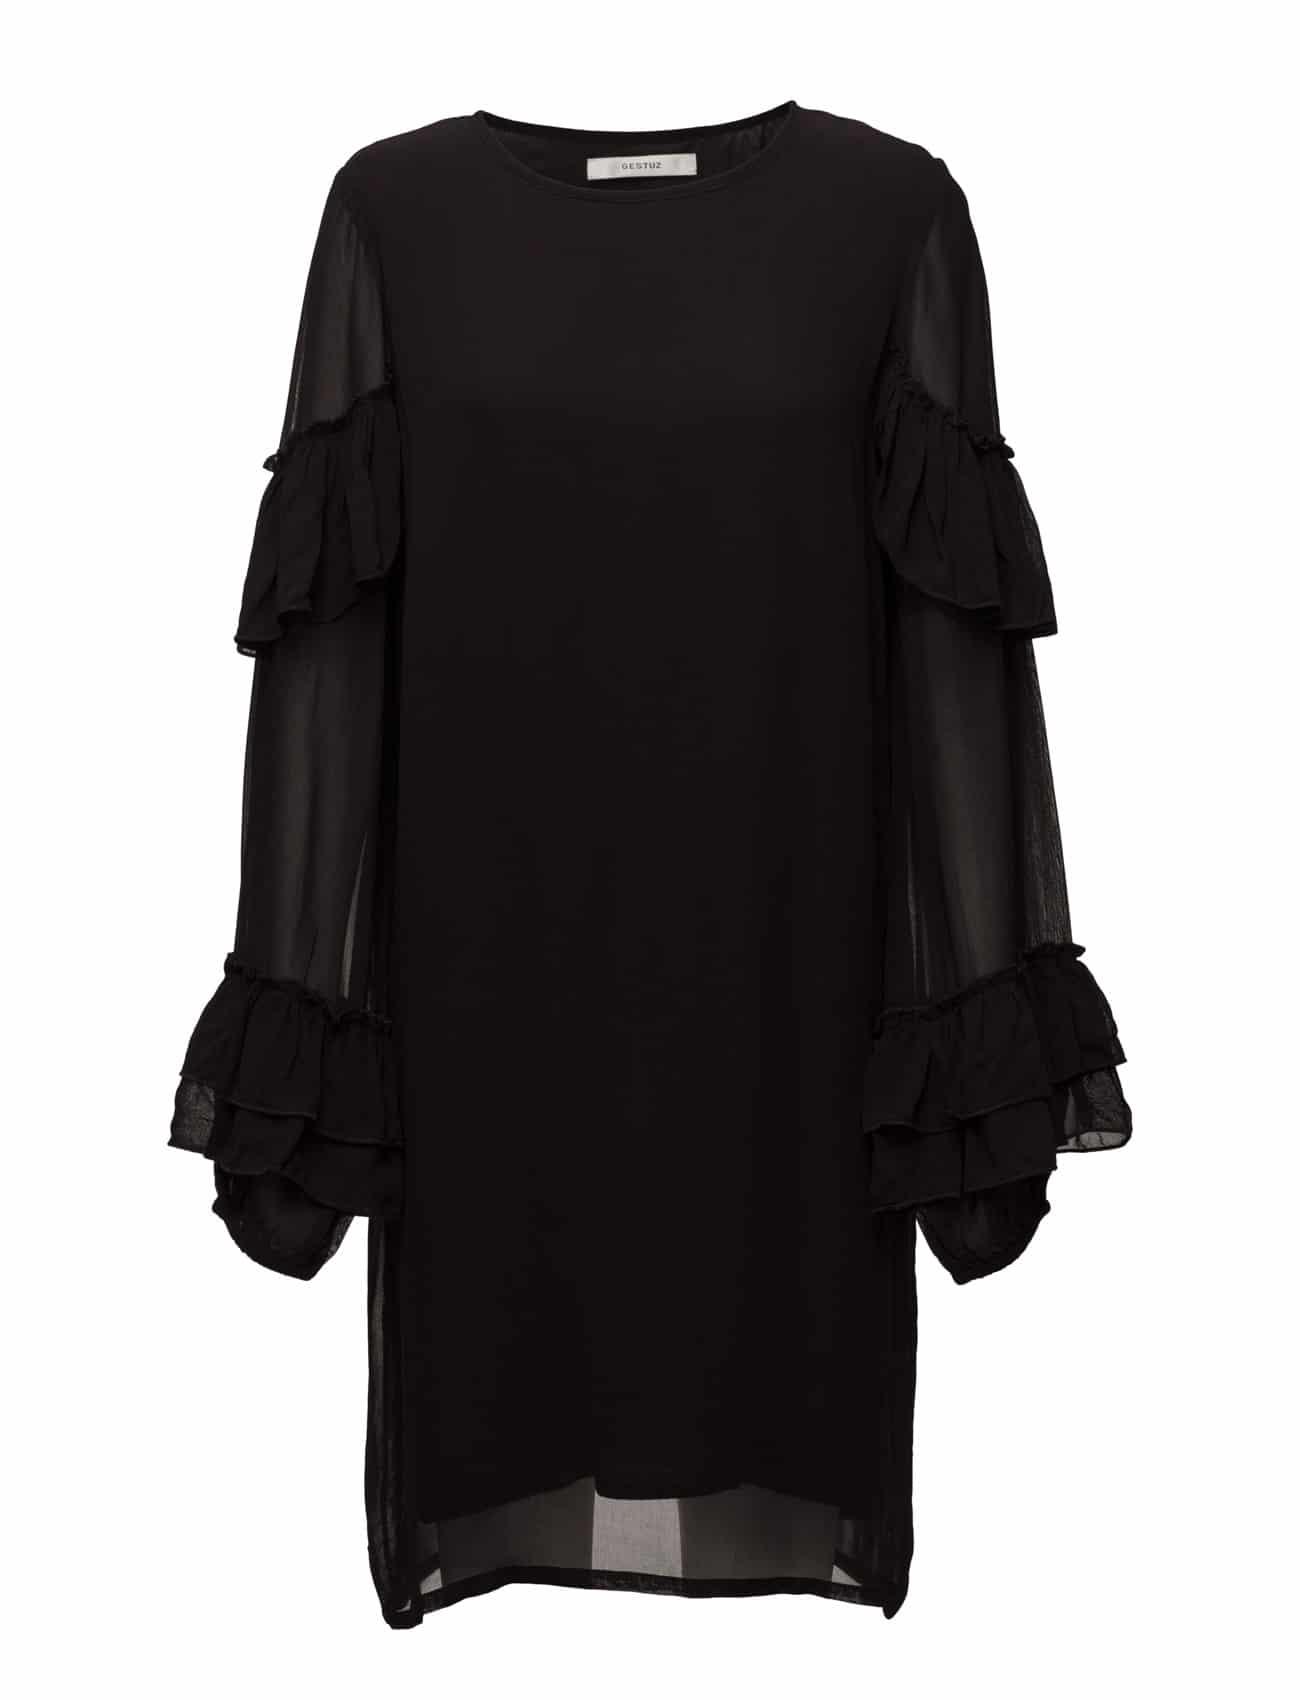 Drømmen om en smuk og enkel kjole